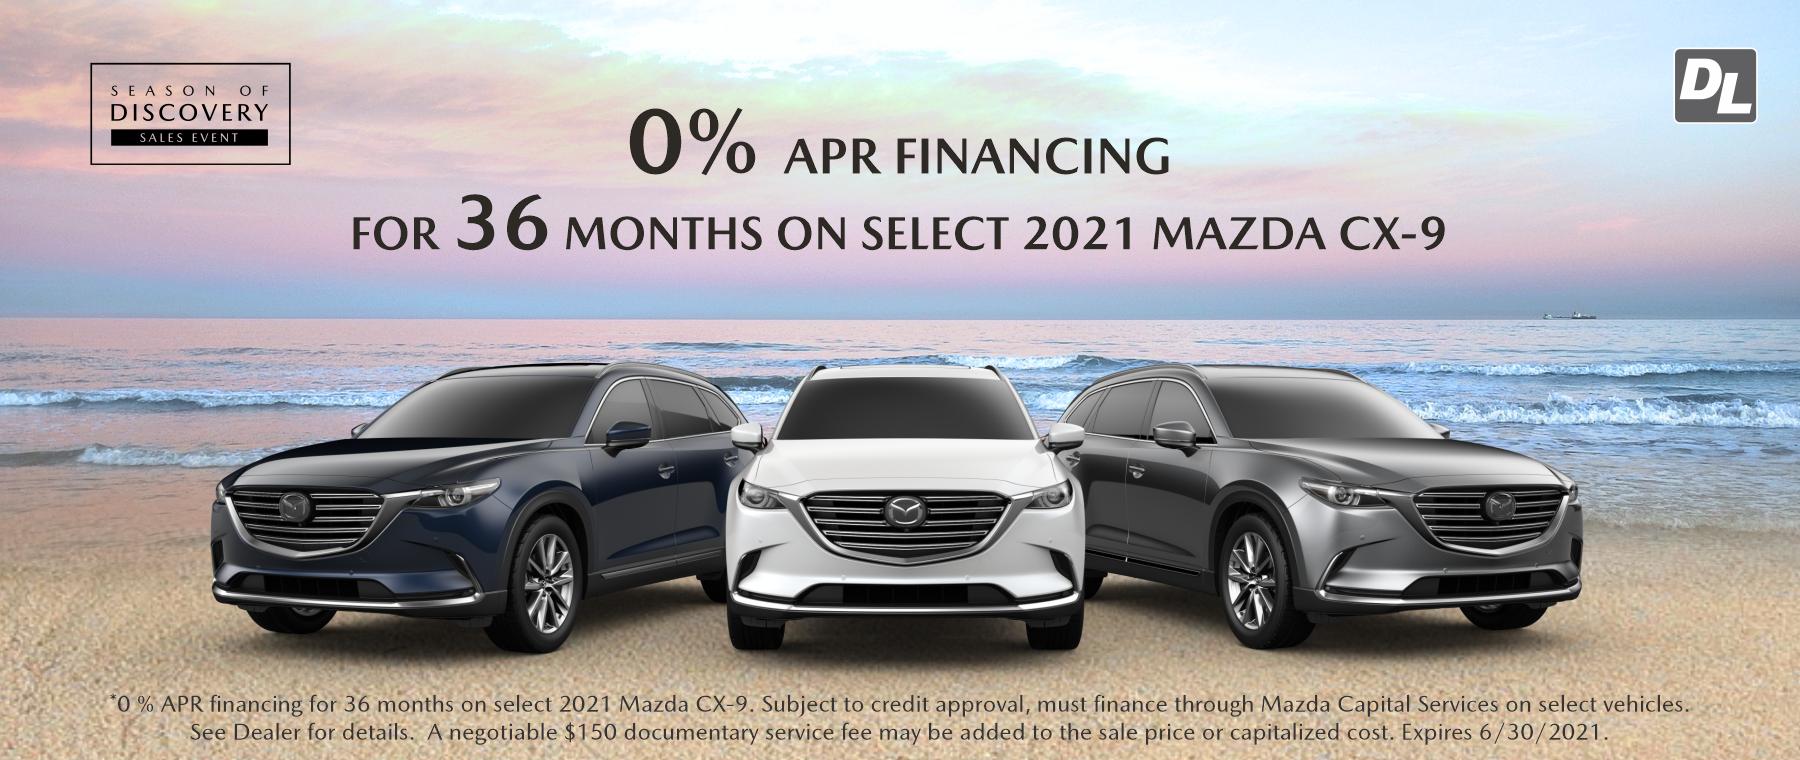 2021JuneBanners-Mazda-cx-9-2